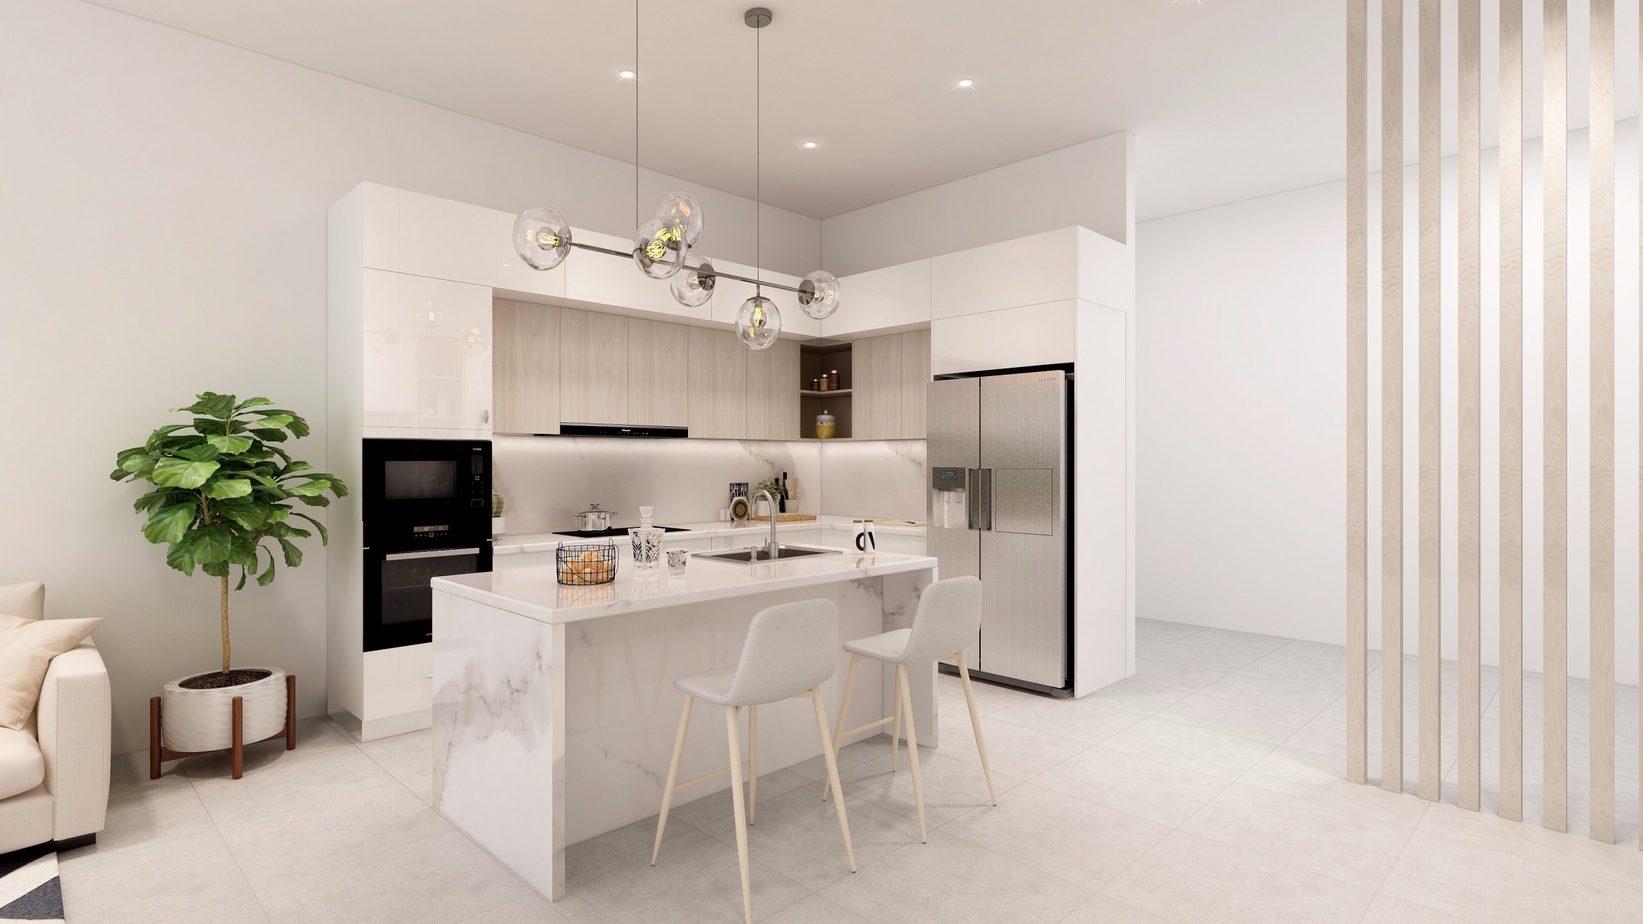 Tủ bếp được phủ Acrylic màu trắng giúp nổi bật vẻ đẹp sang trọng cho căn bếp.